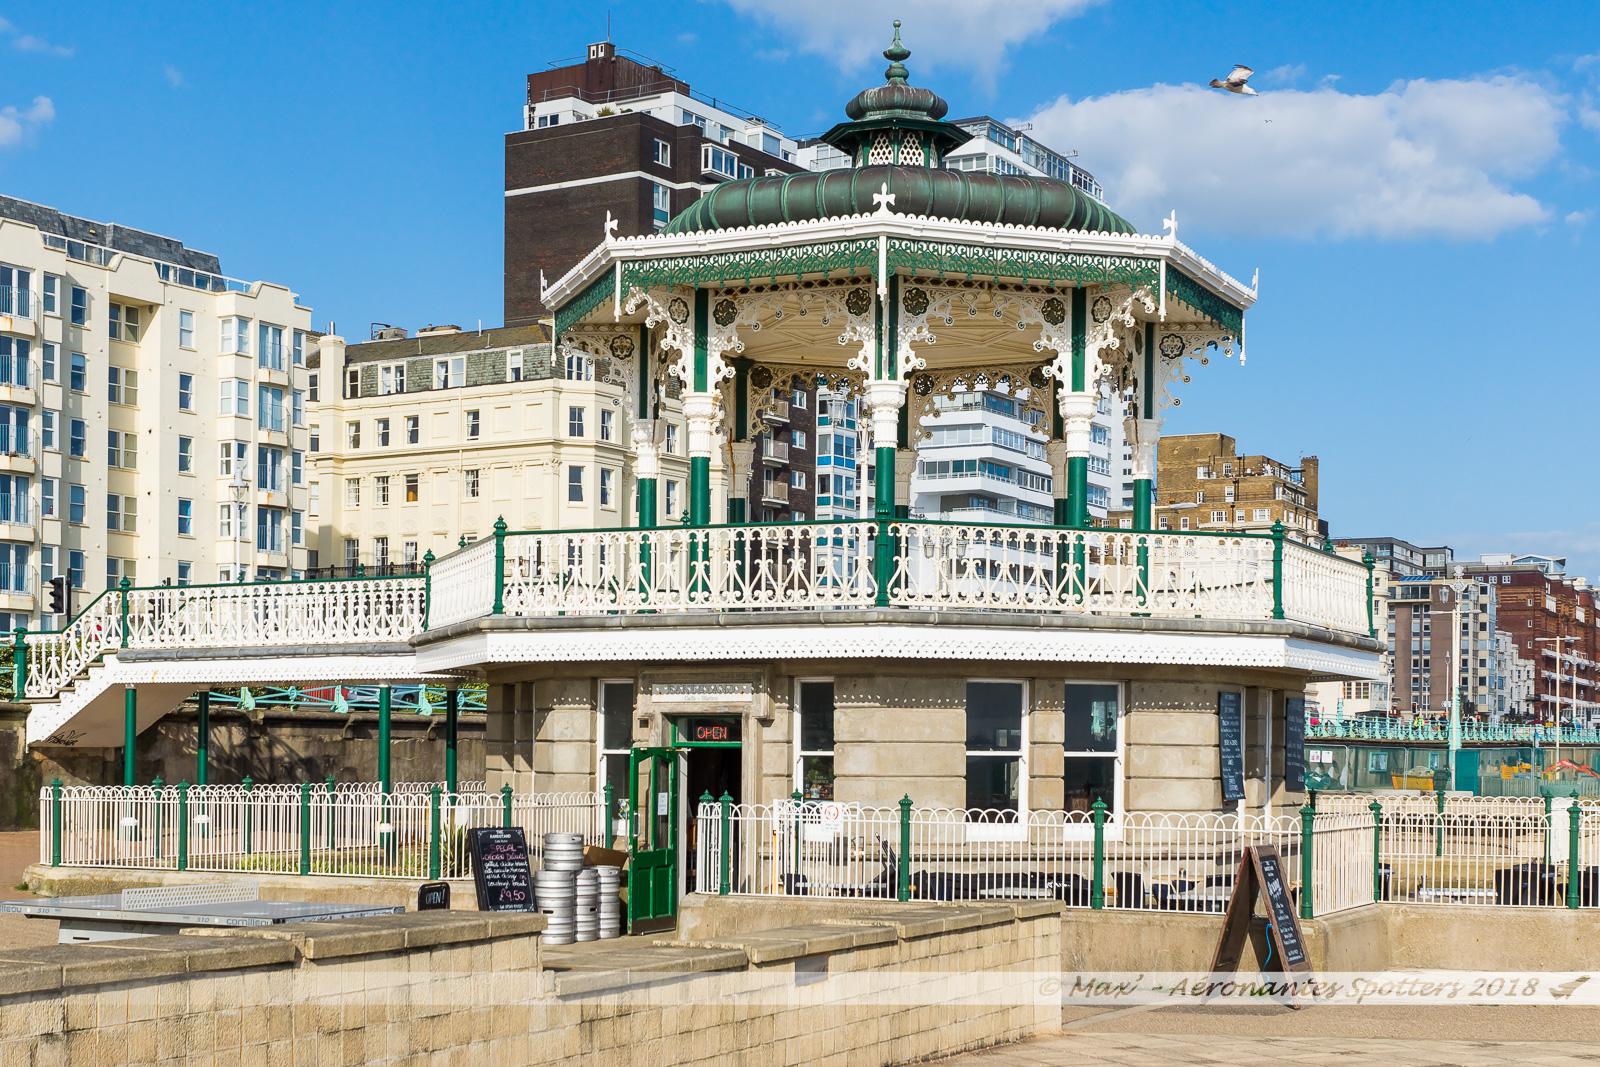 Brighton Beach Bandstand